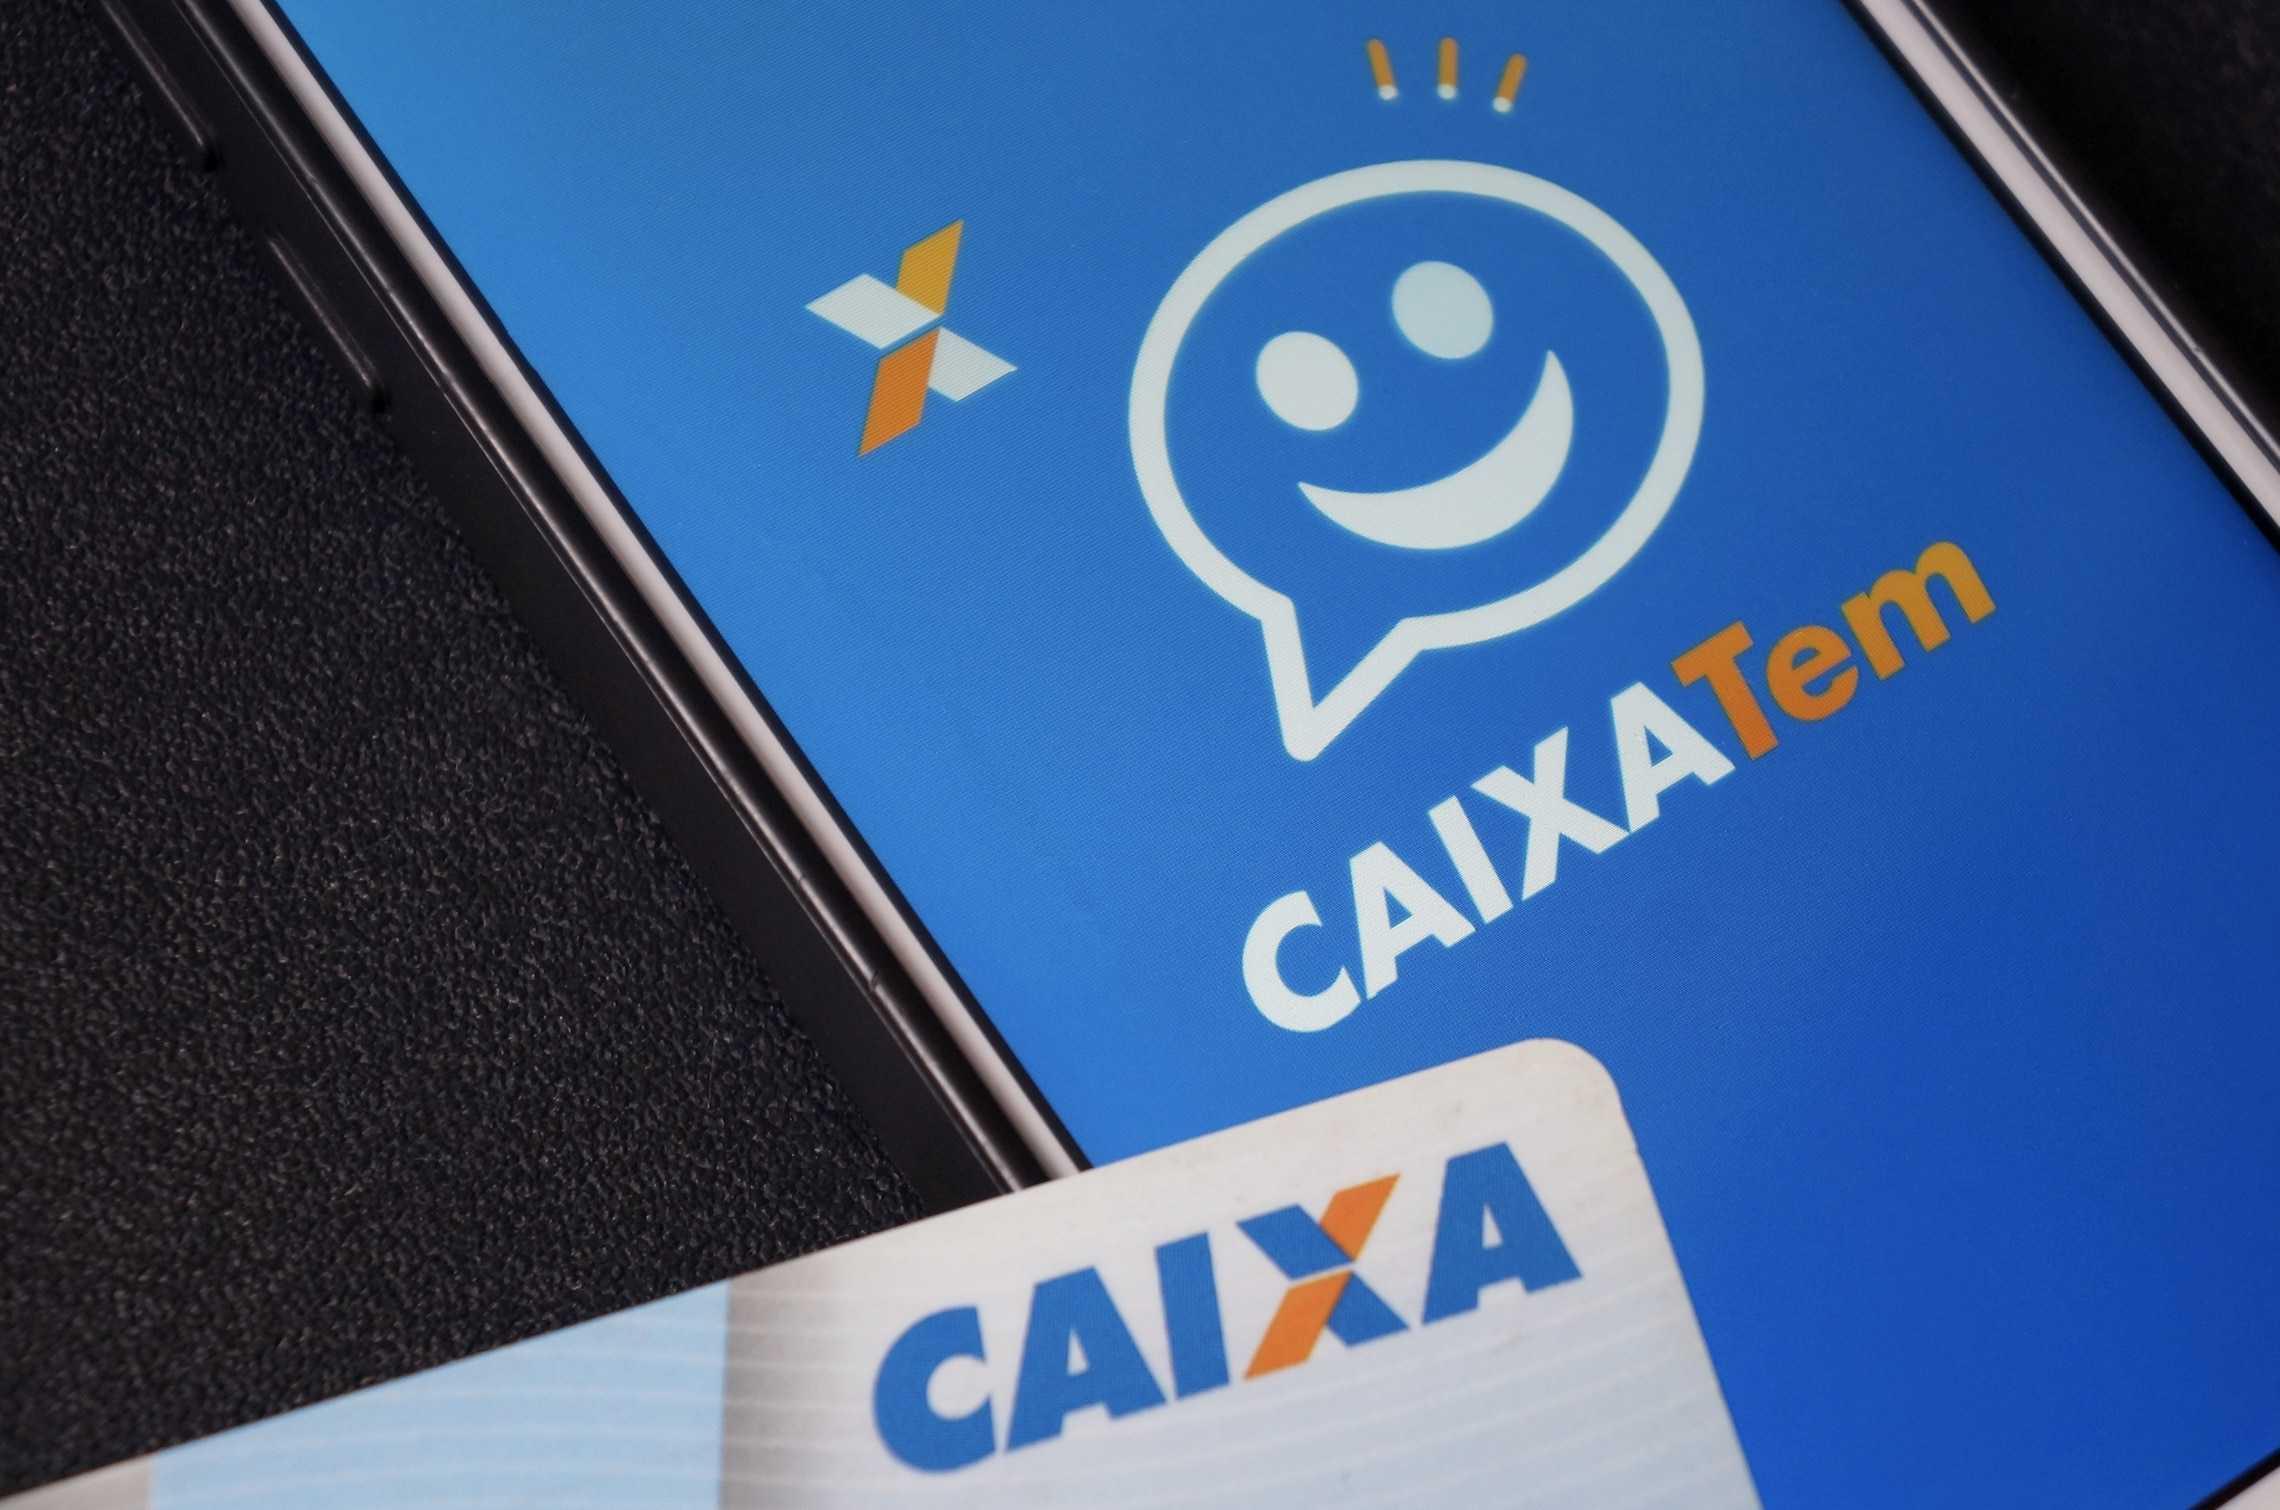 Perdi a senha do CAIXA Tem; como ter acesso ao auxílio emergencial? (Imagem: Divulgação/Caixa)